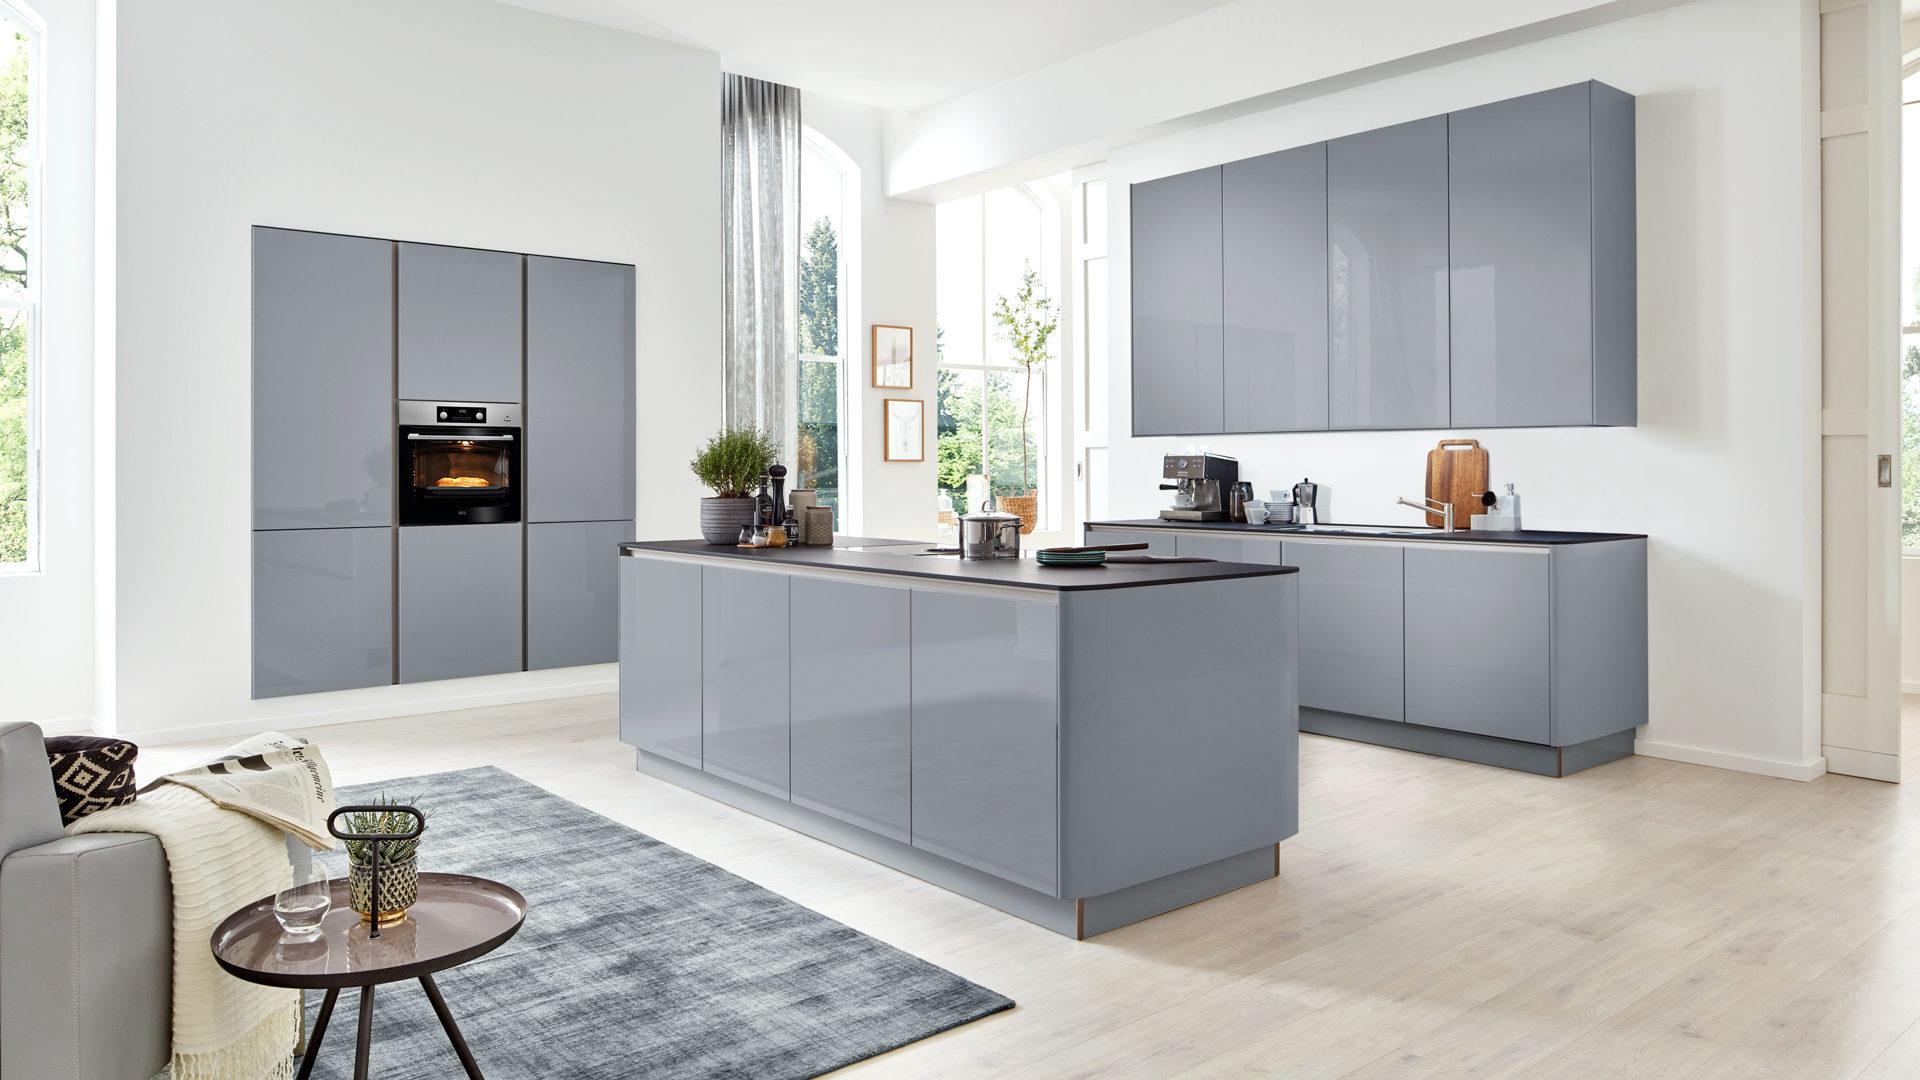 Interliving Küche Serie 3001 mit AEG Einbaugeräten, papyrusgraue  Hochglanzoberflächen – dreiteilig